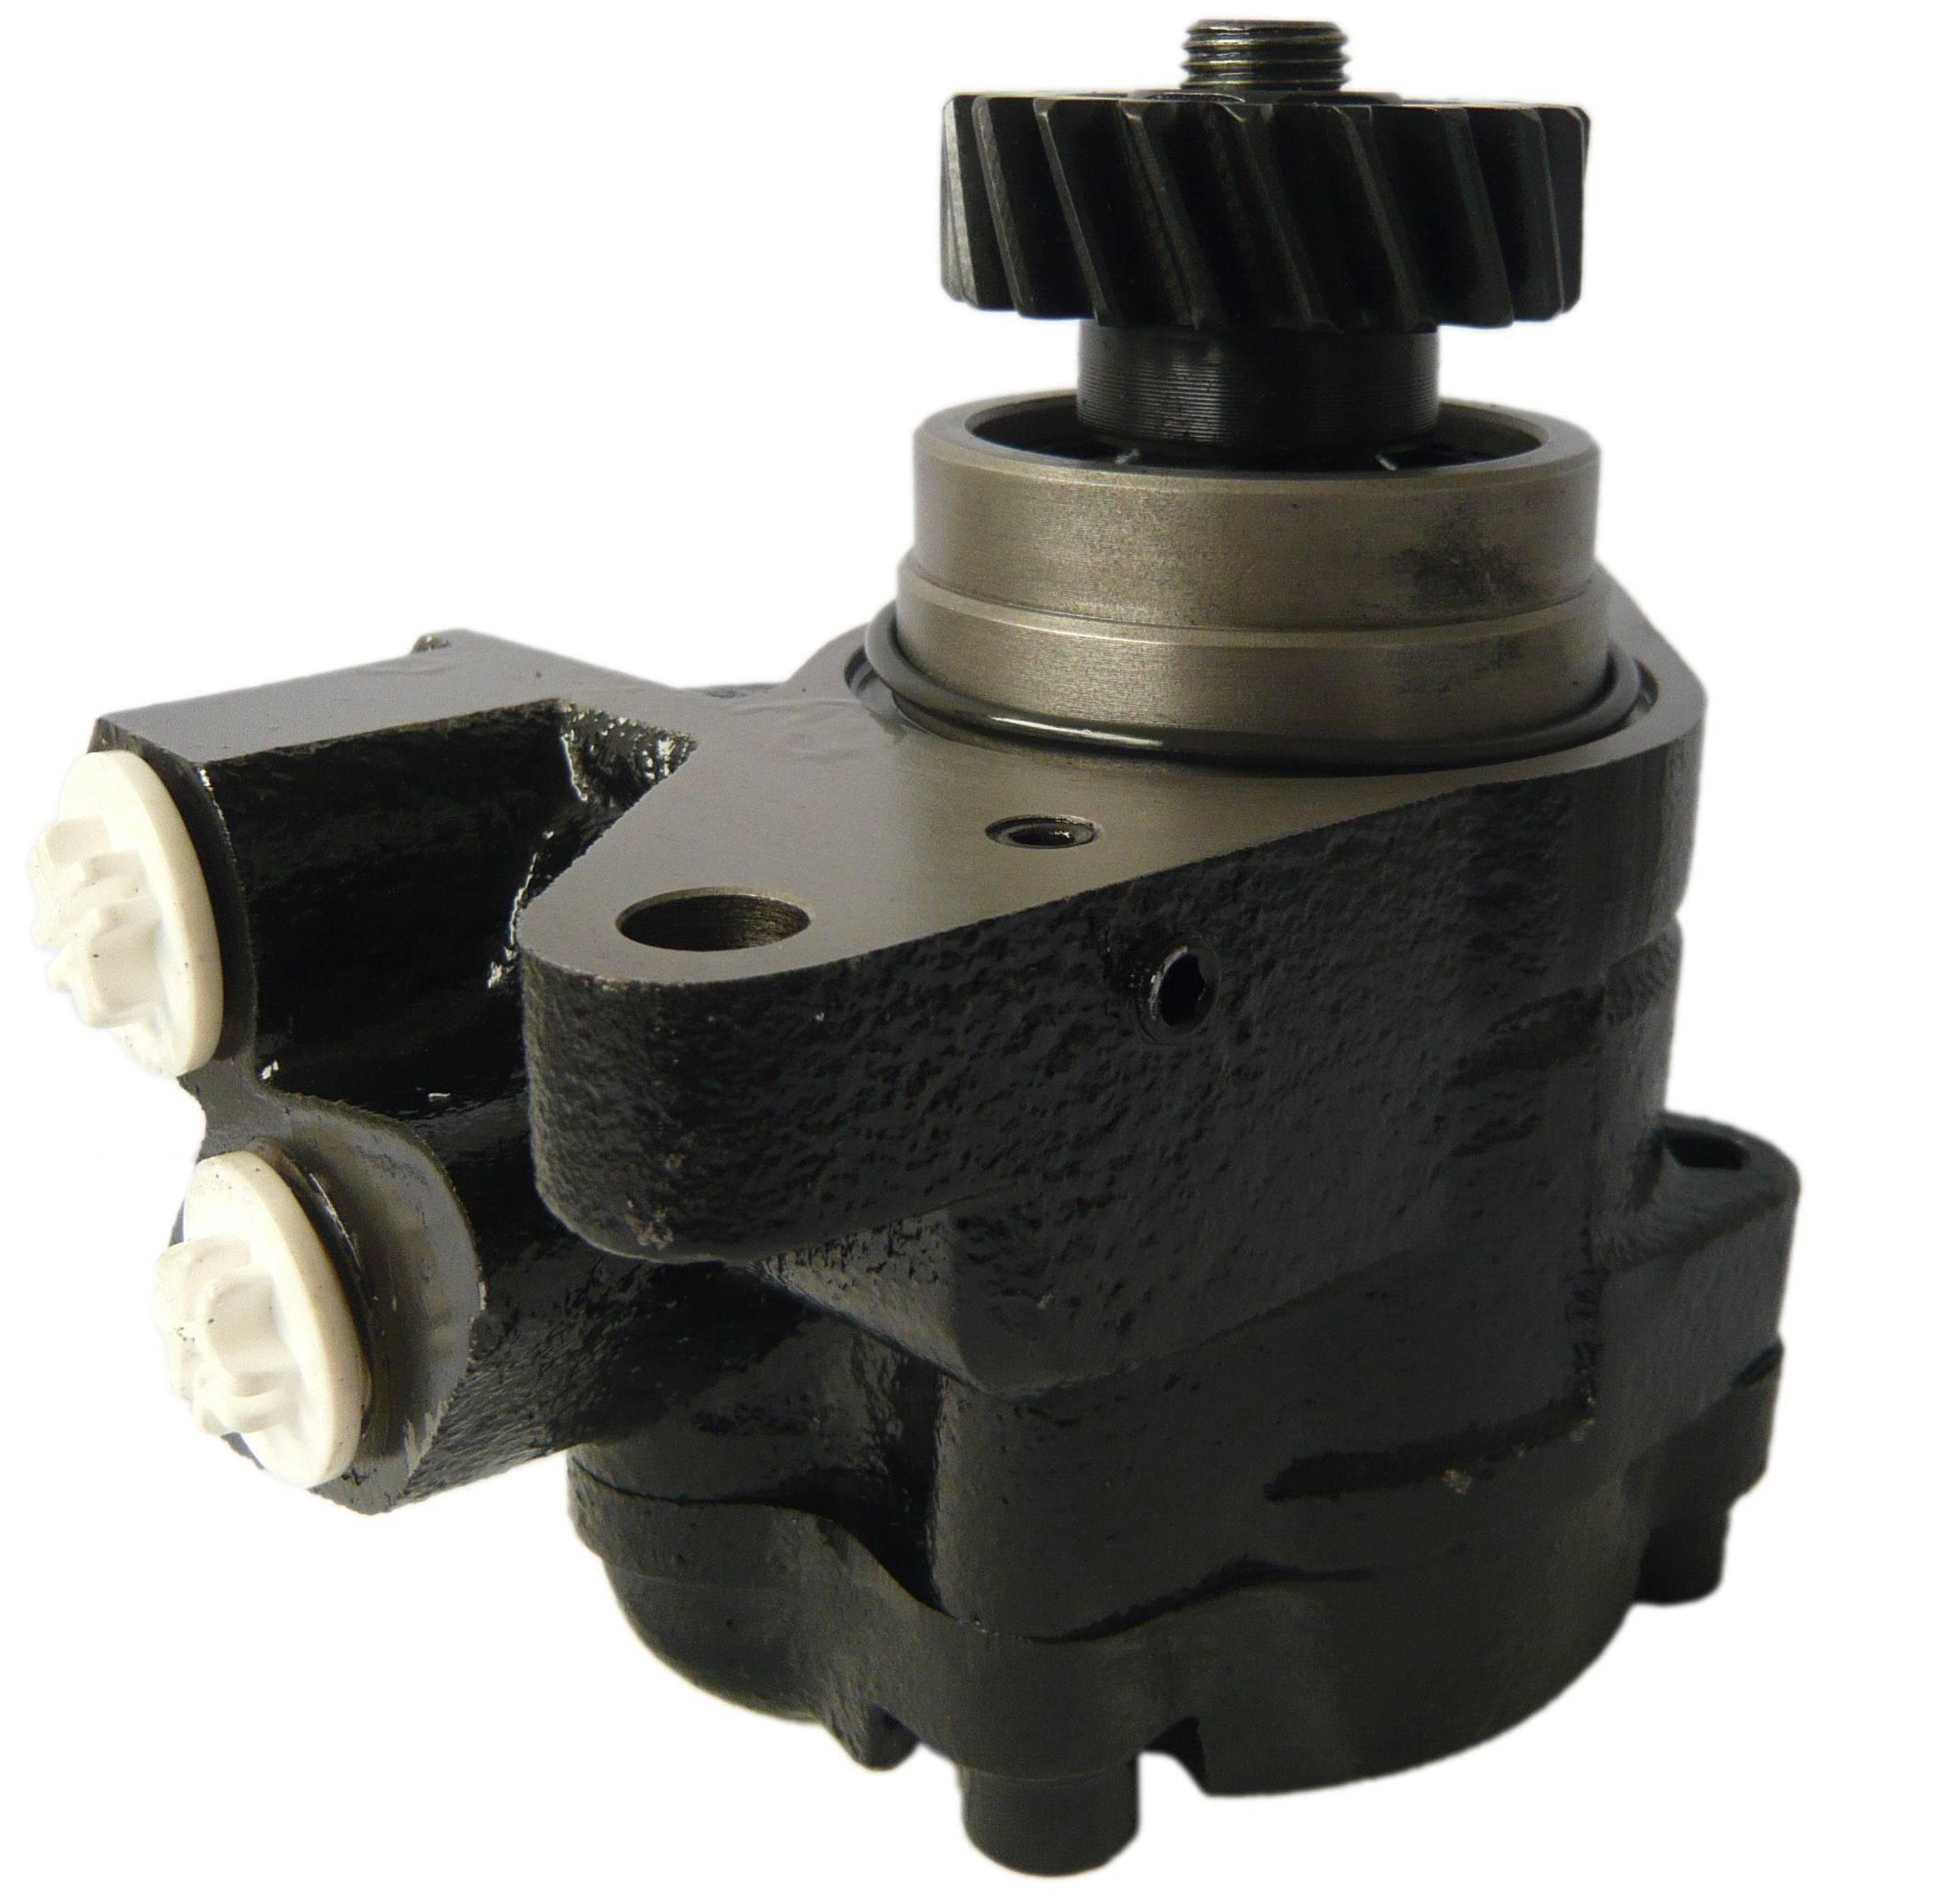 Hino J08C power steering pump, OEM No: 44310-2362